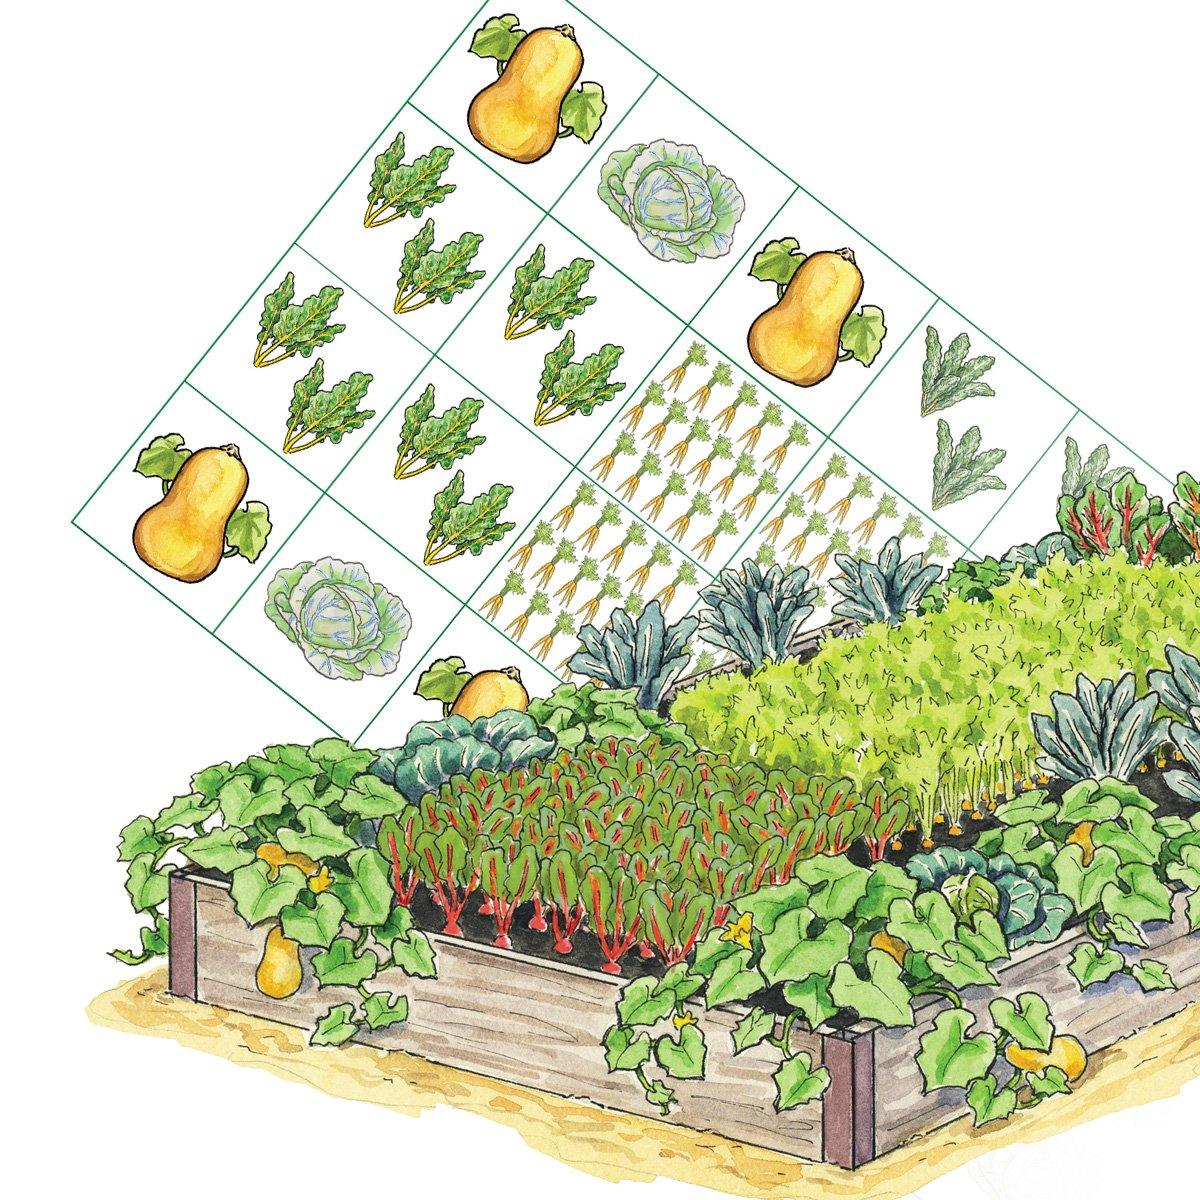 Gardener\'s Supply on Twitter: \